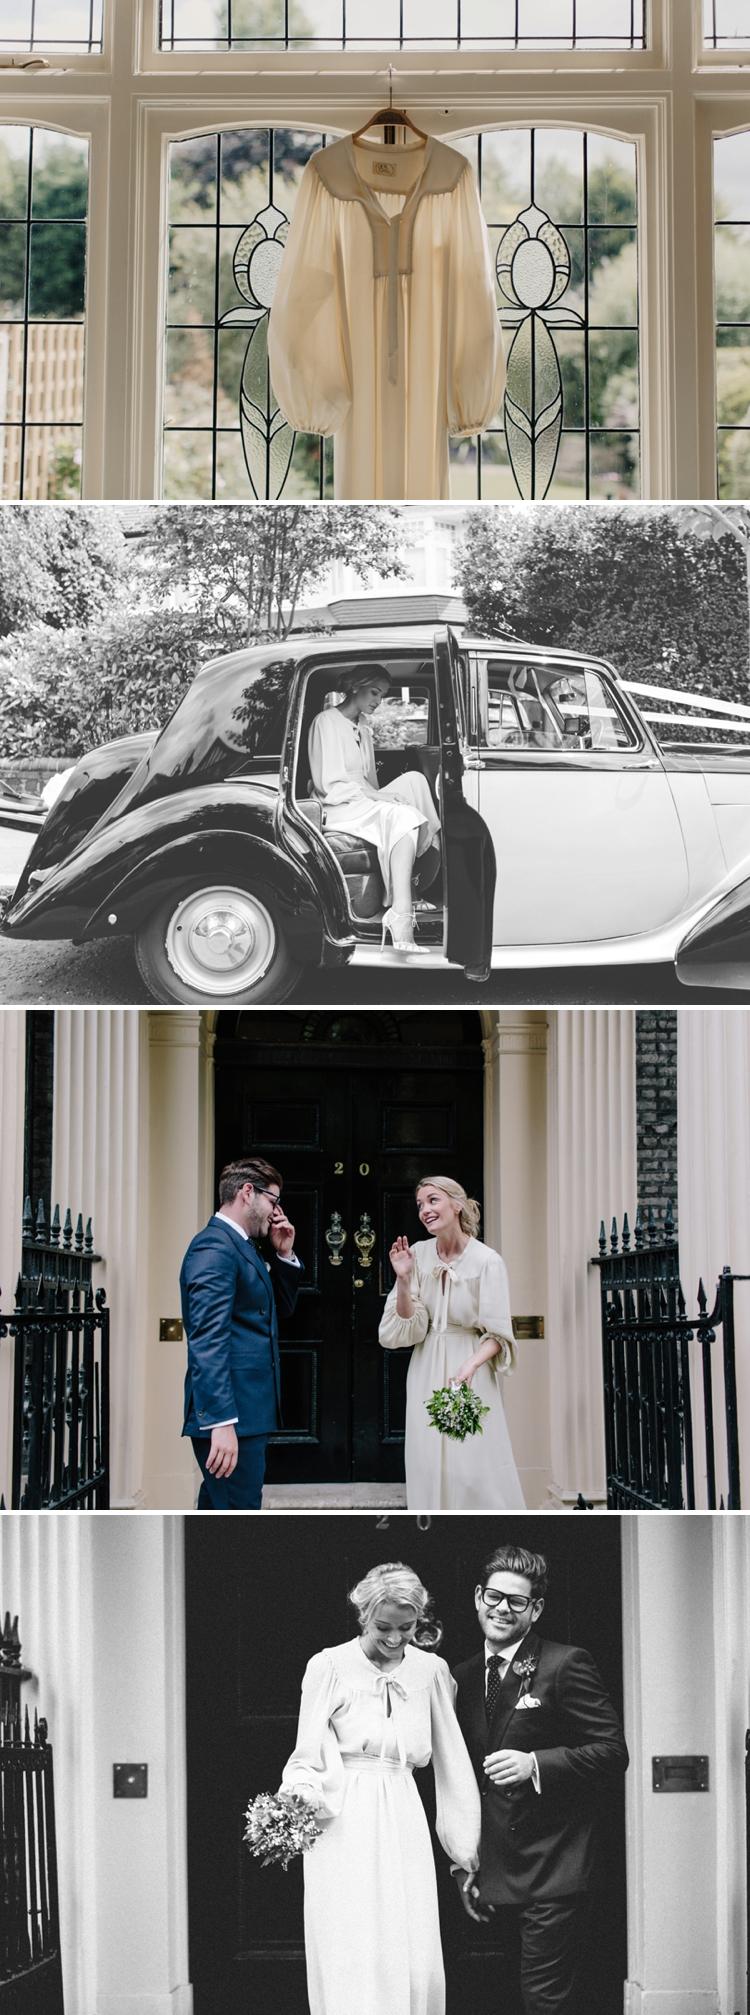 Ossie Clarke Wedding Dress